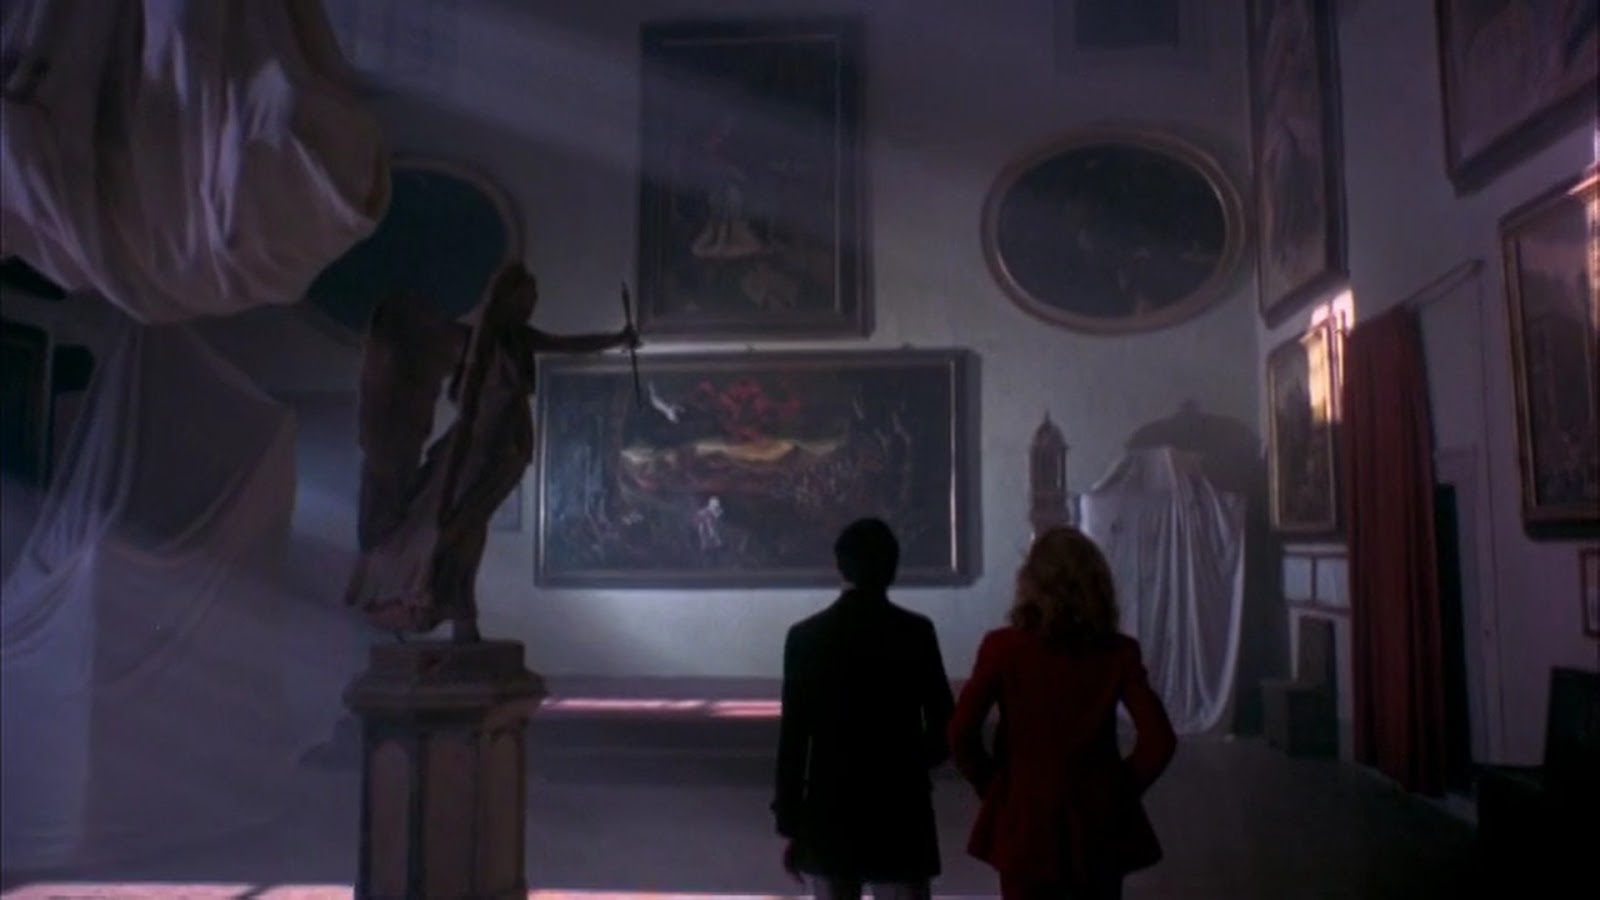 Emilie, L'enfant Des Ténèbres (1975)